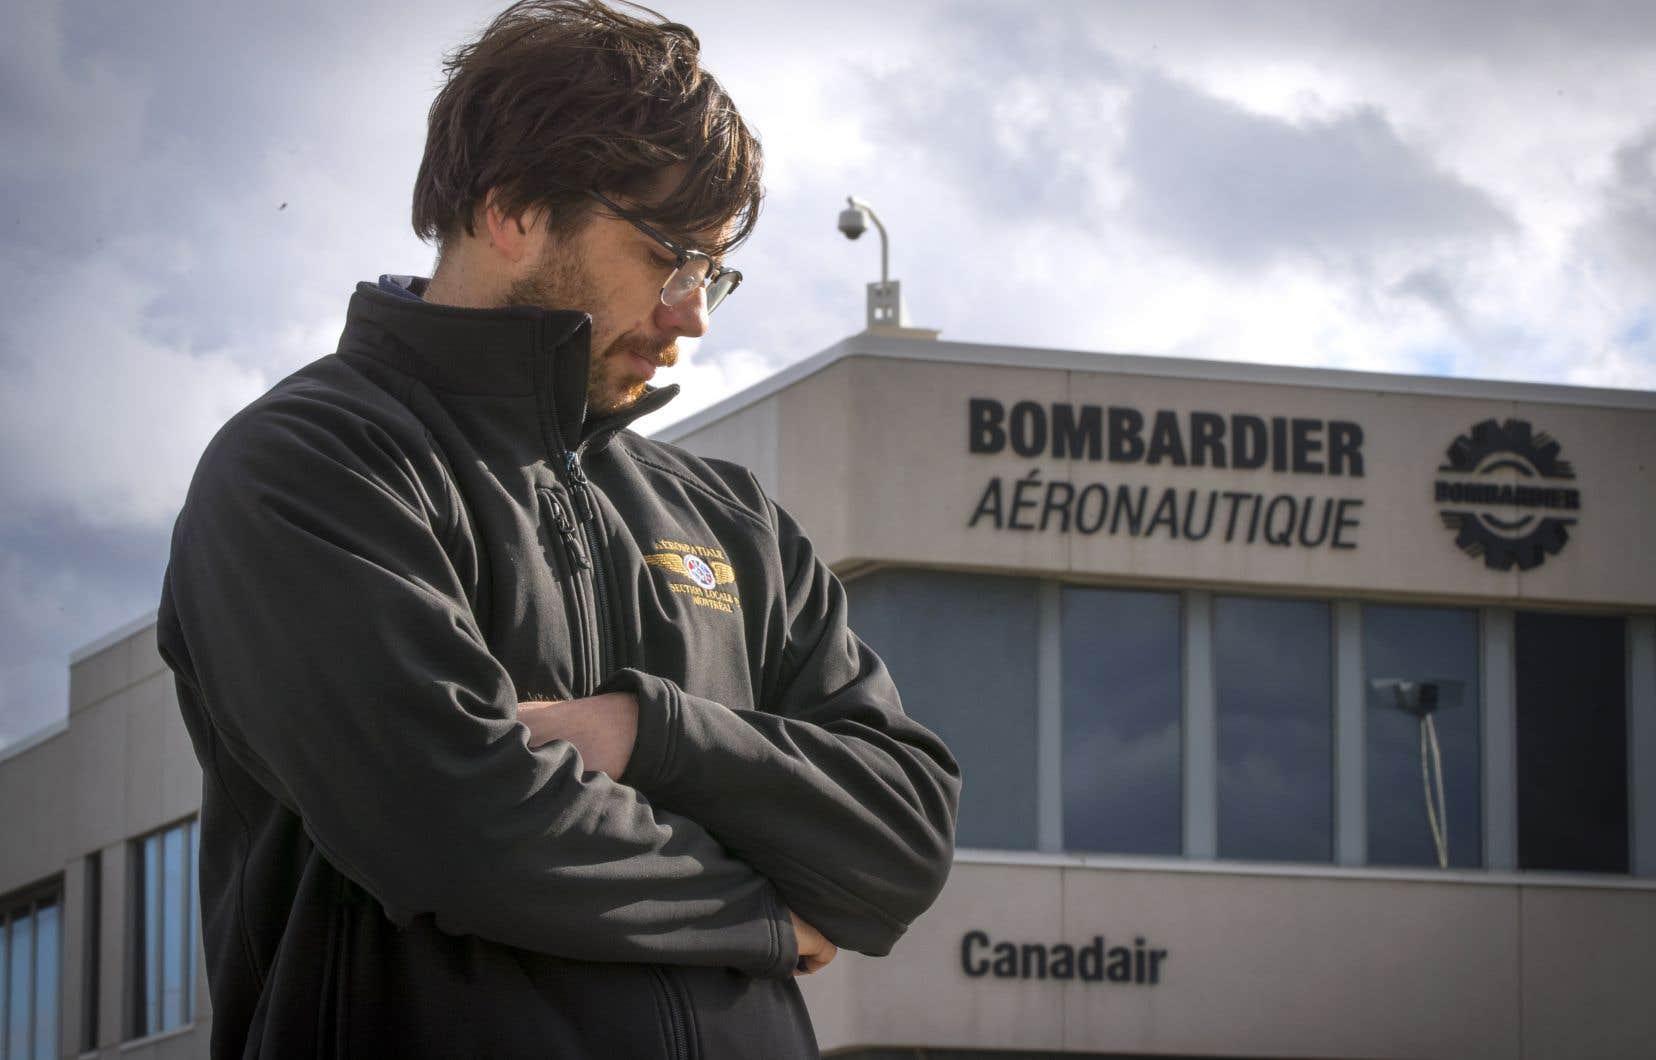 Au Québec, 2500 postes seront abolis d'ici 12 à 18 mois, principalement dans le secteur aéronautique.